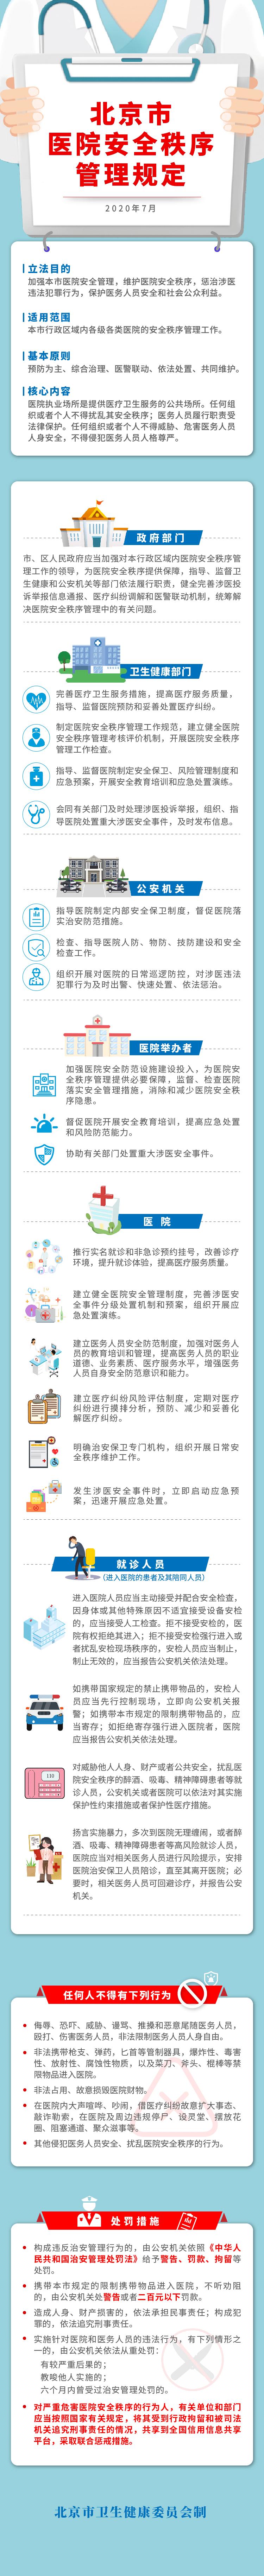 一图读懂|北京市医院安全秩序管理规定今起实施